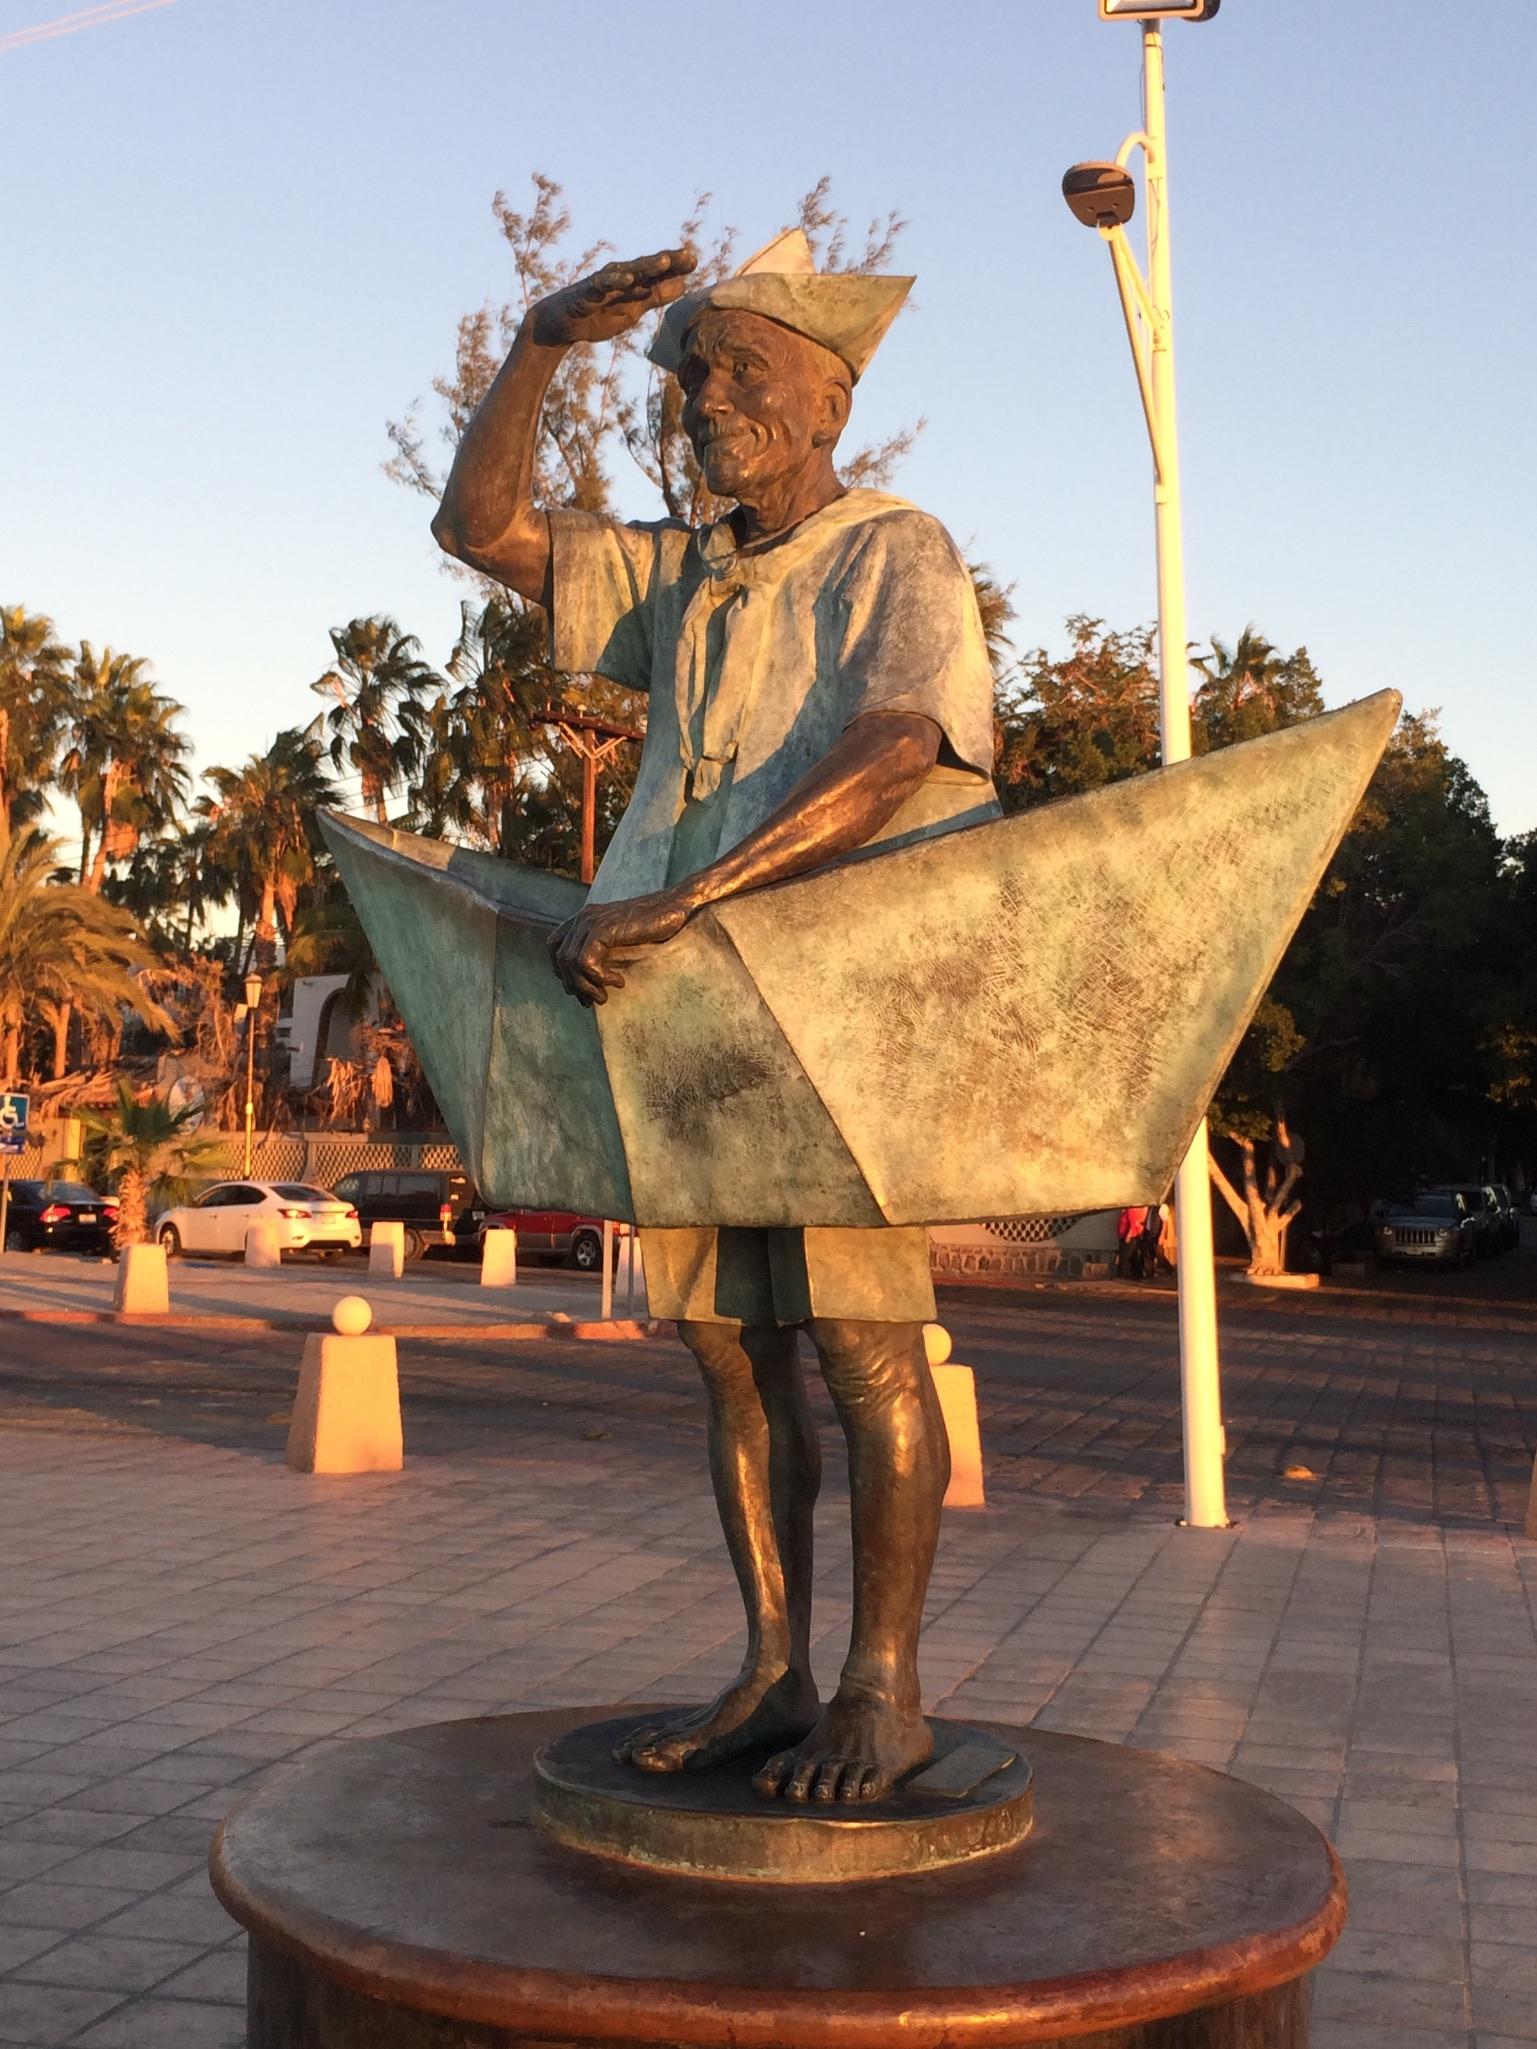 3. Malecon in La Paz